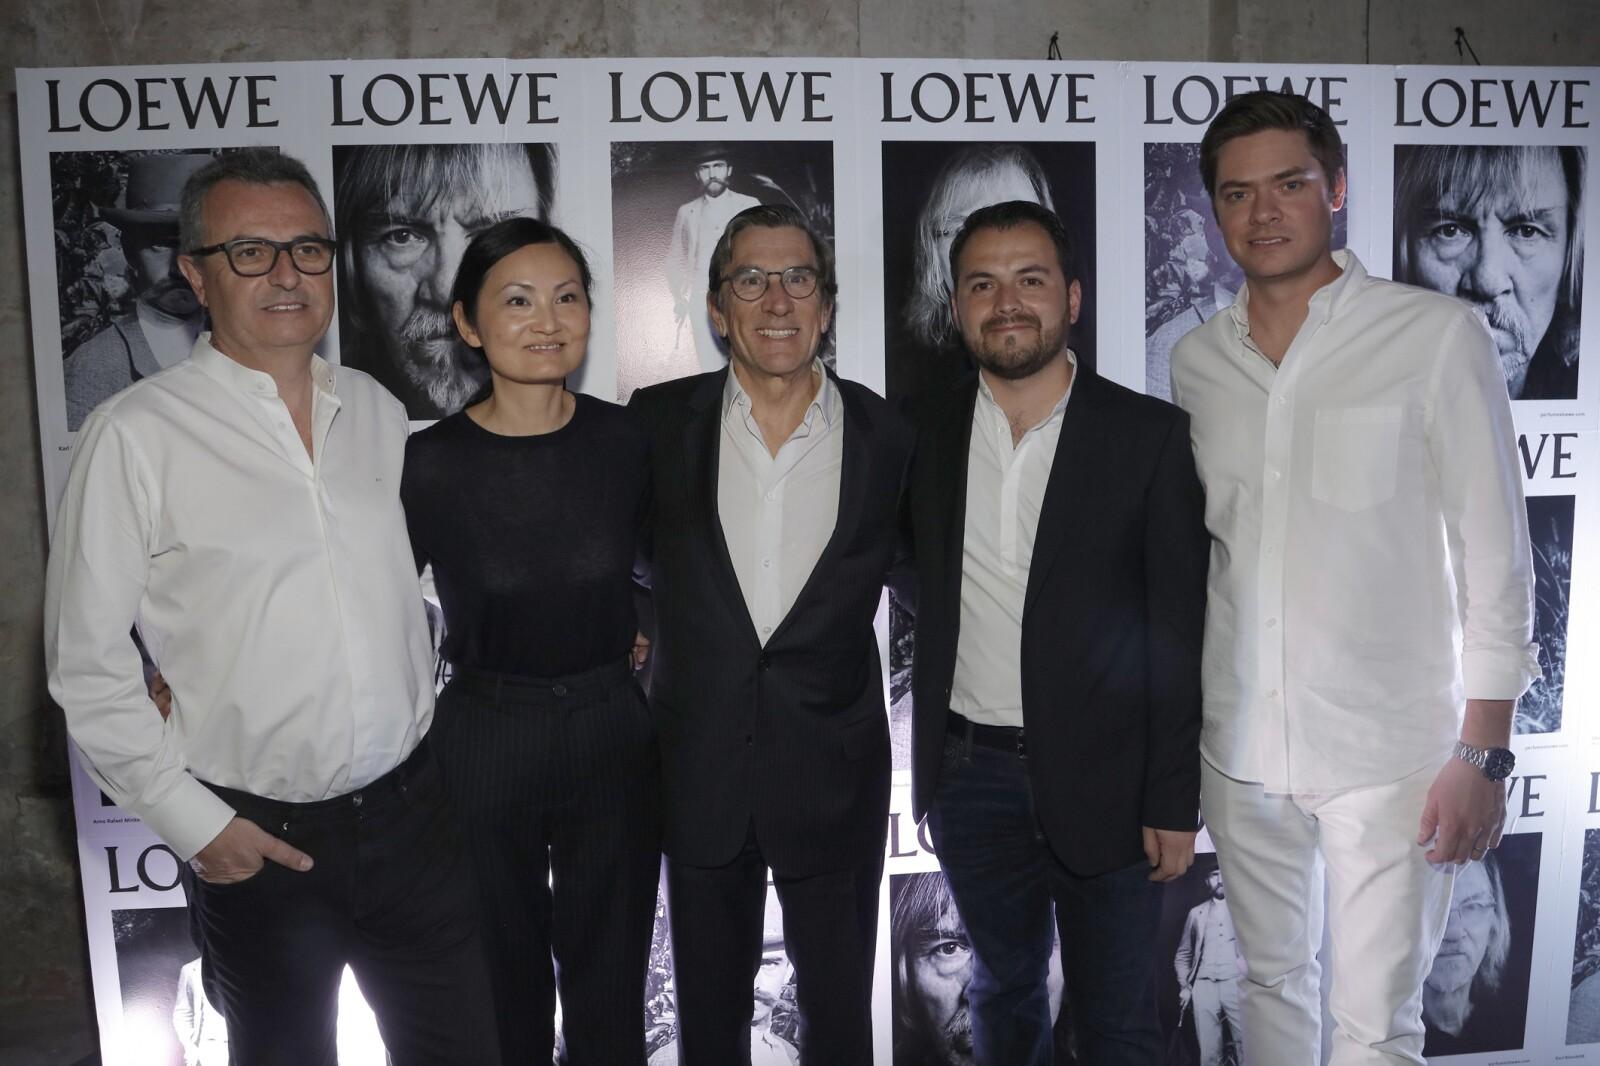 relanzamiento de Loewe